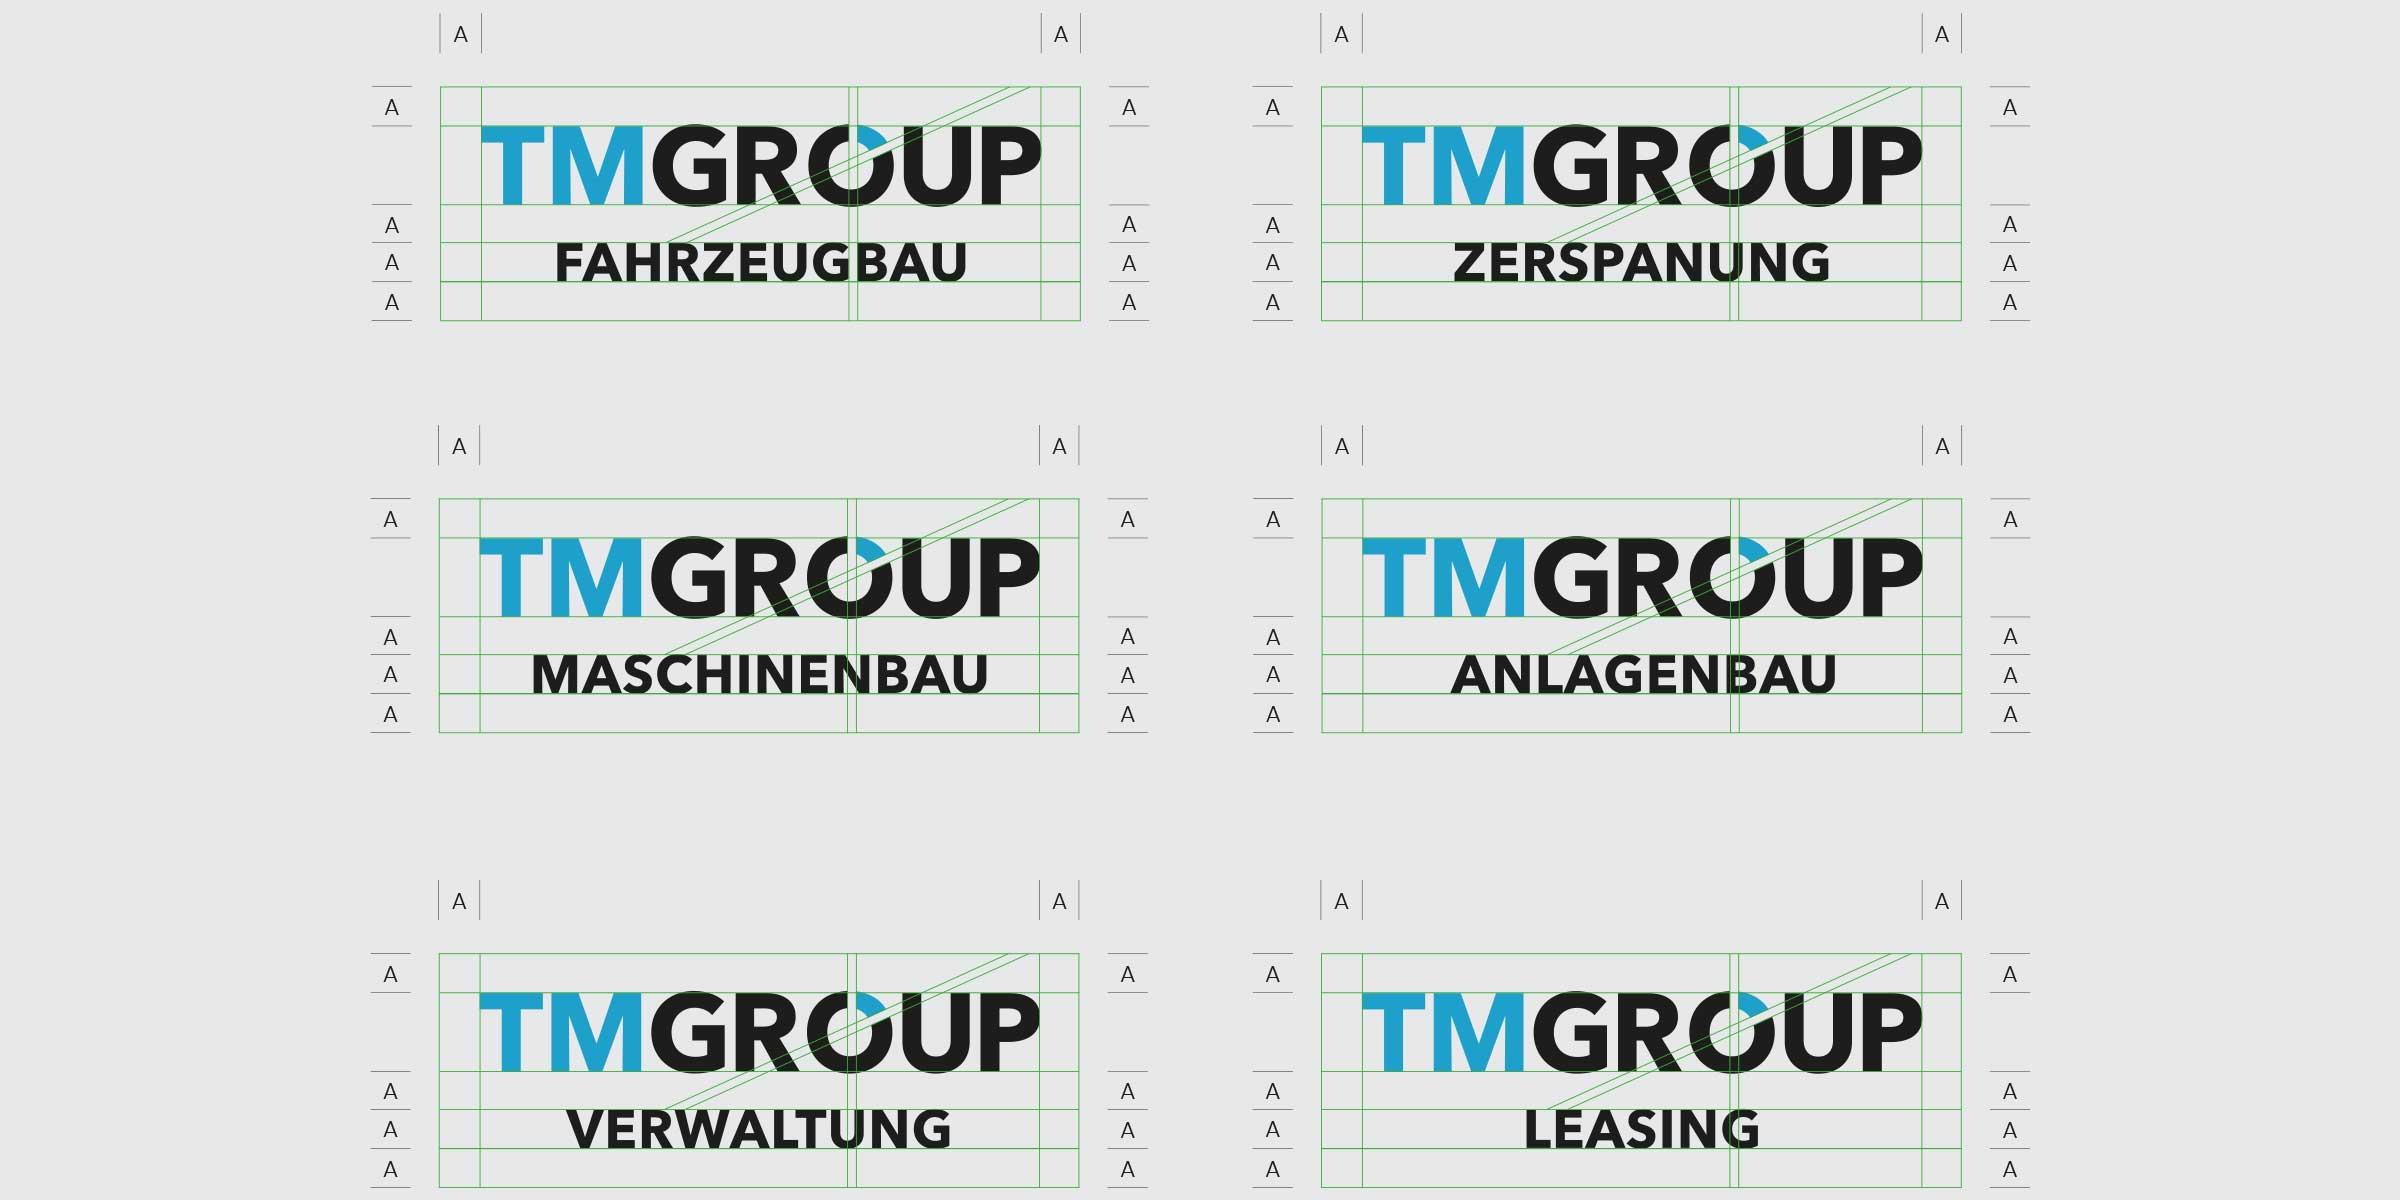 TMGROUP_Logos der einzelner Geschäftsfelder